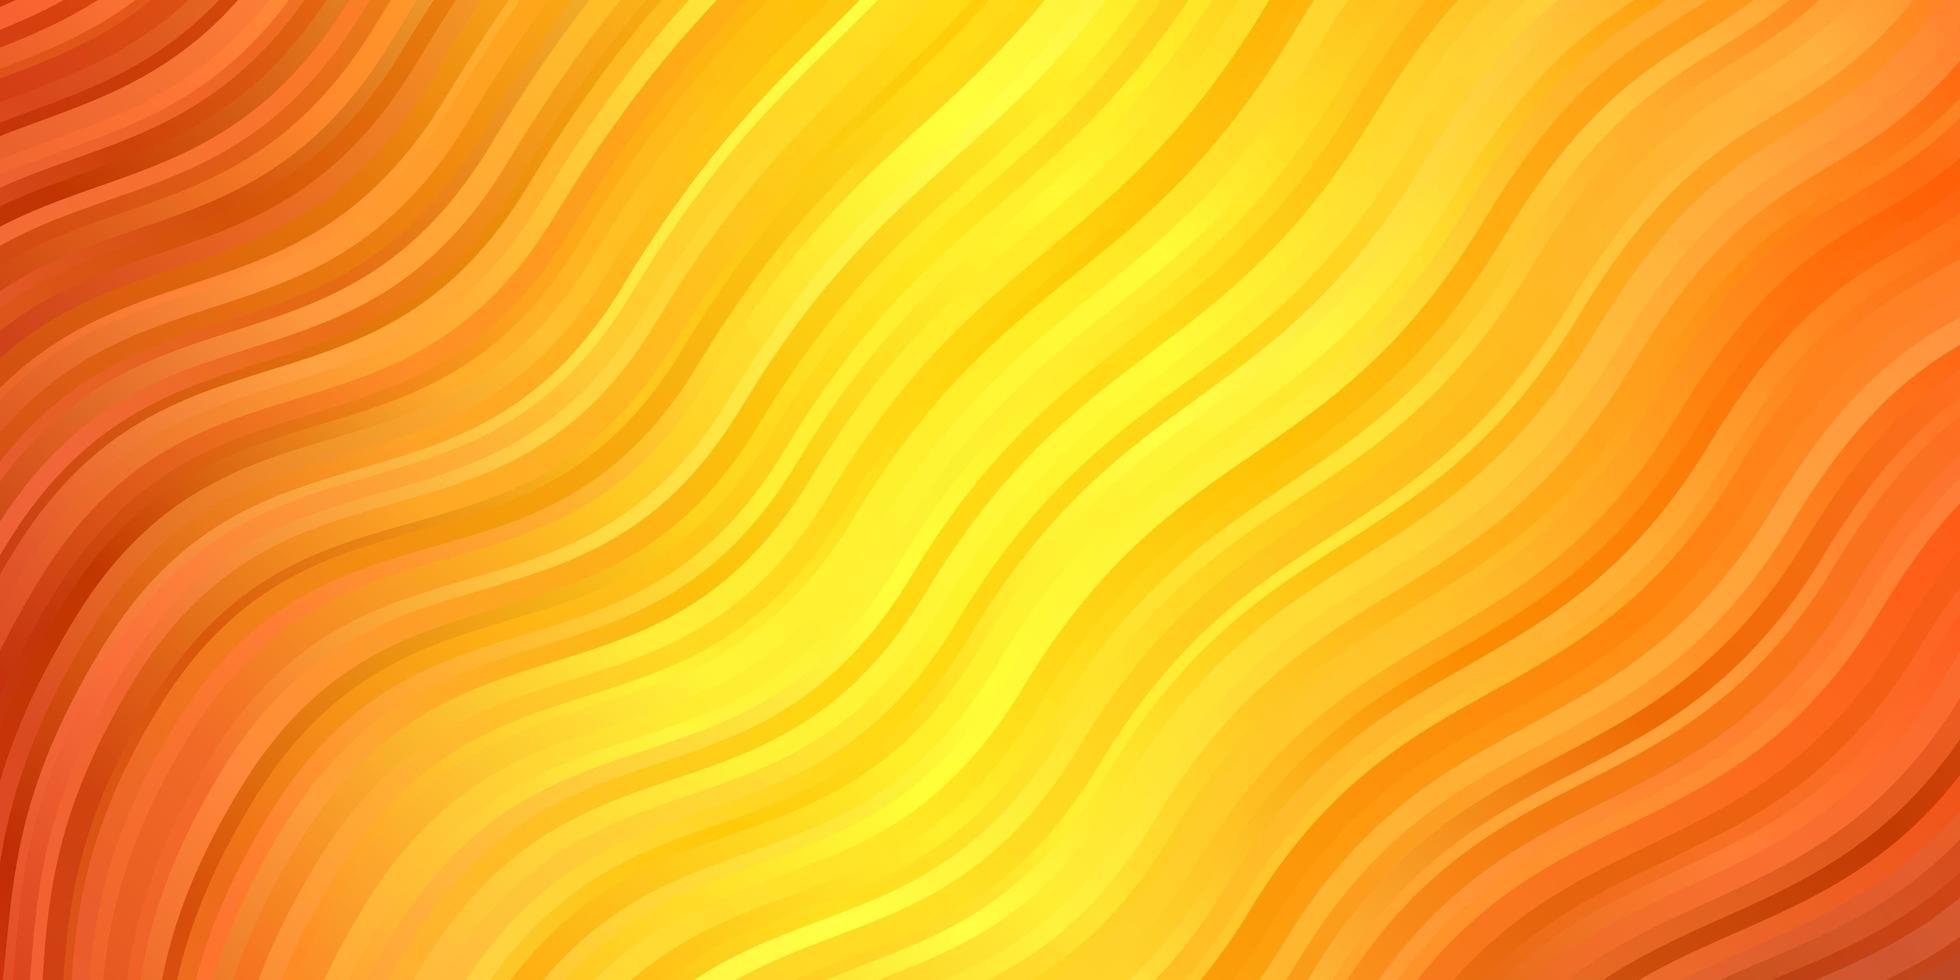 modello vettoriale arancione scuro con curve.